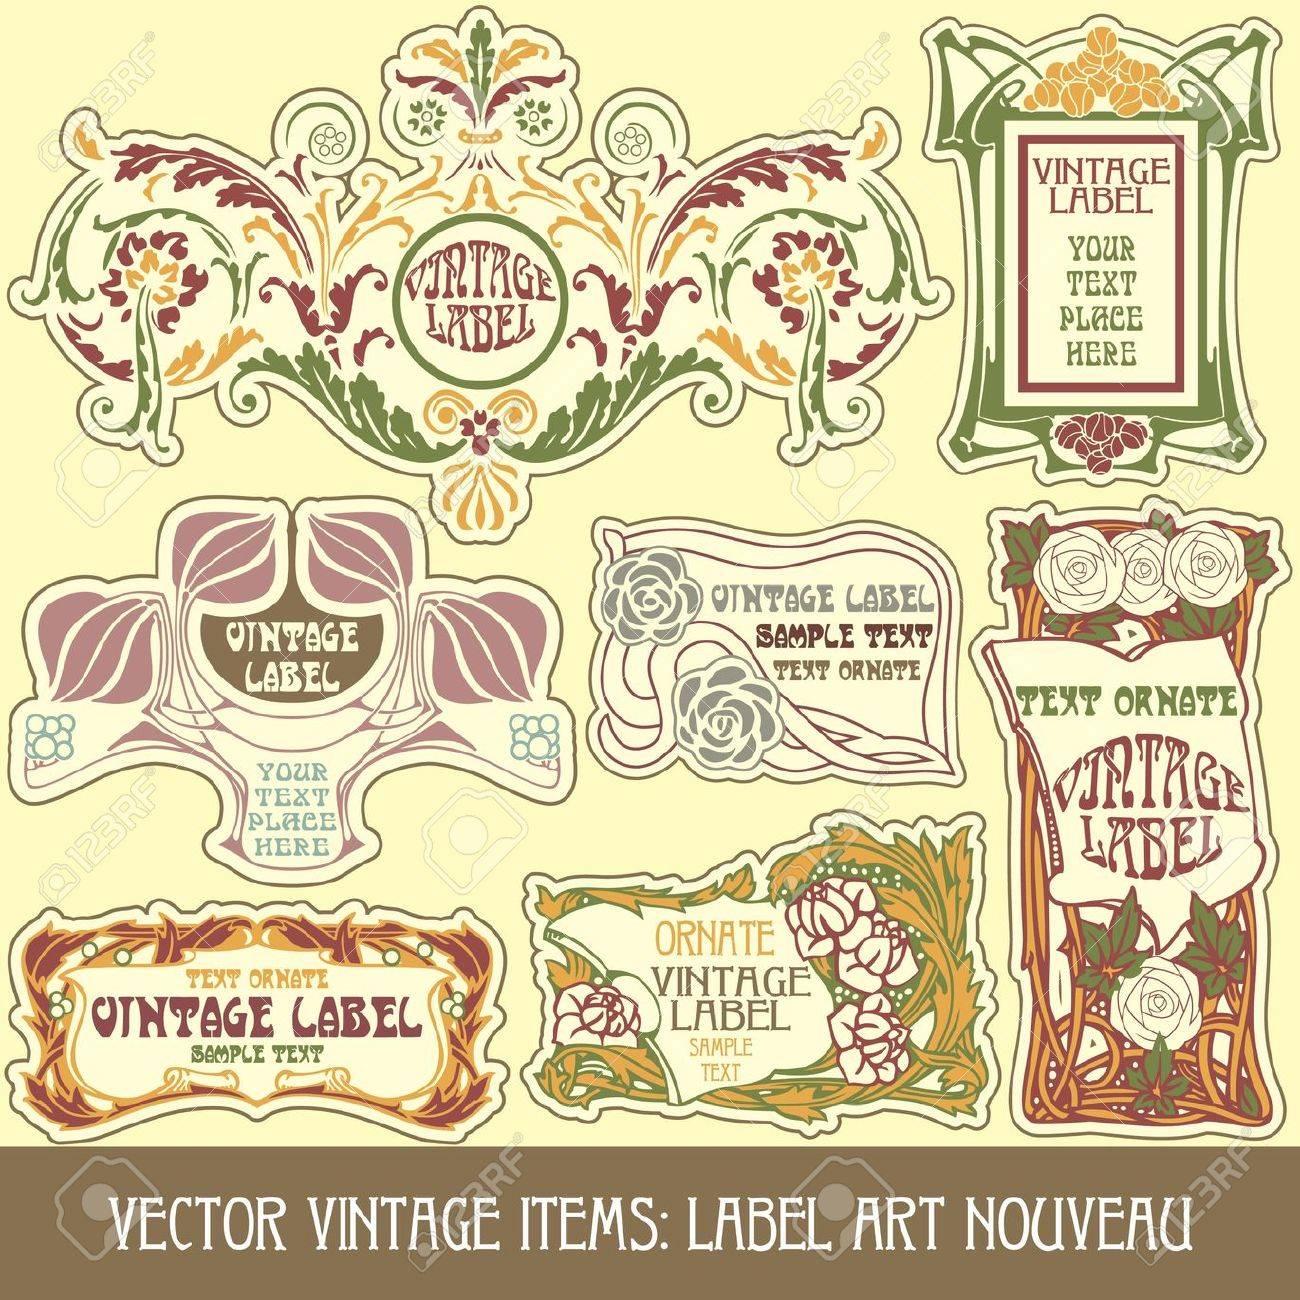 vector vintage items: label art nouveau Stock Vector - 10843696